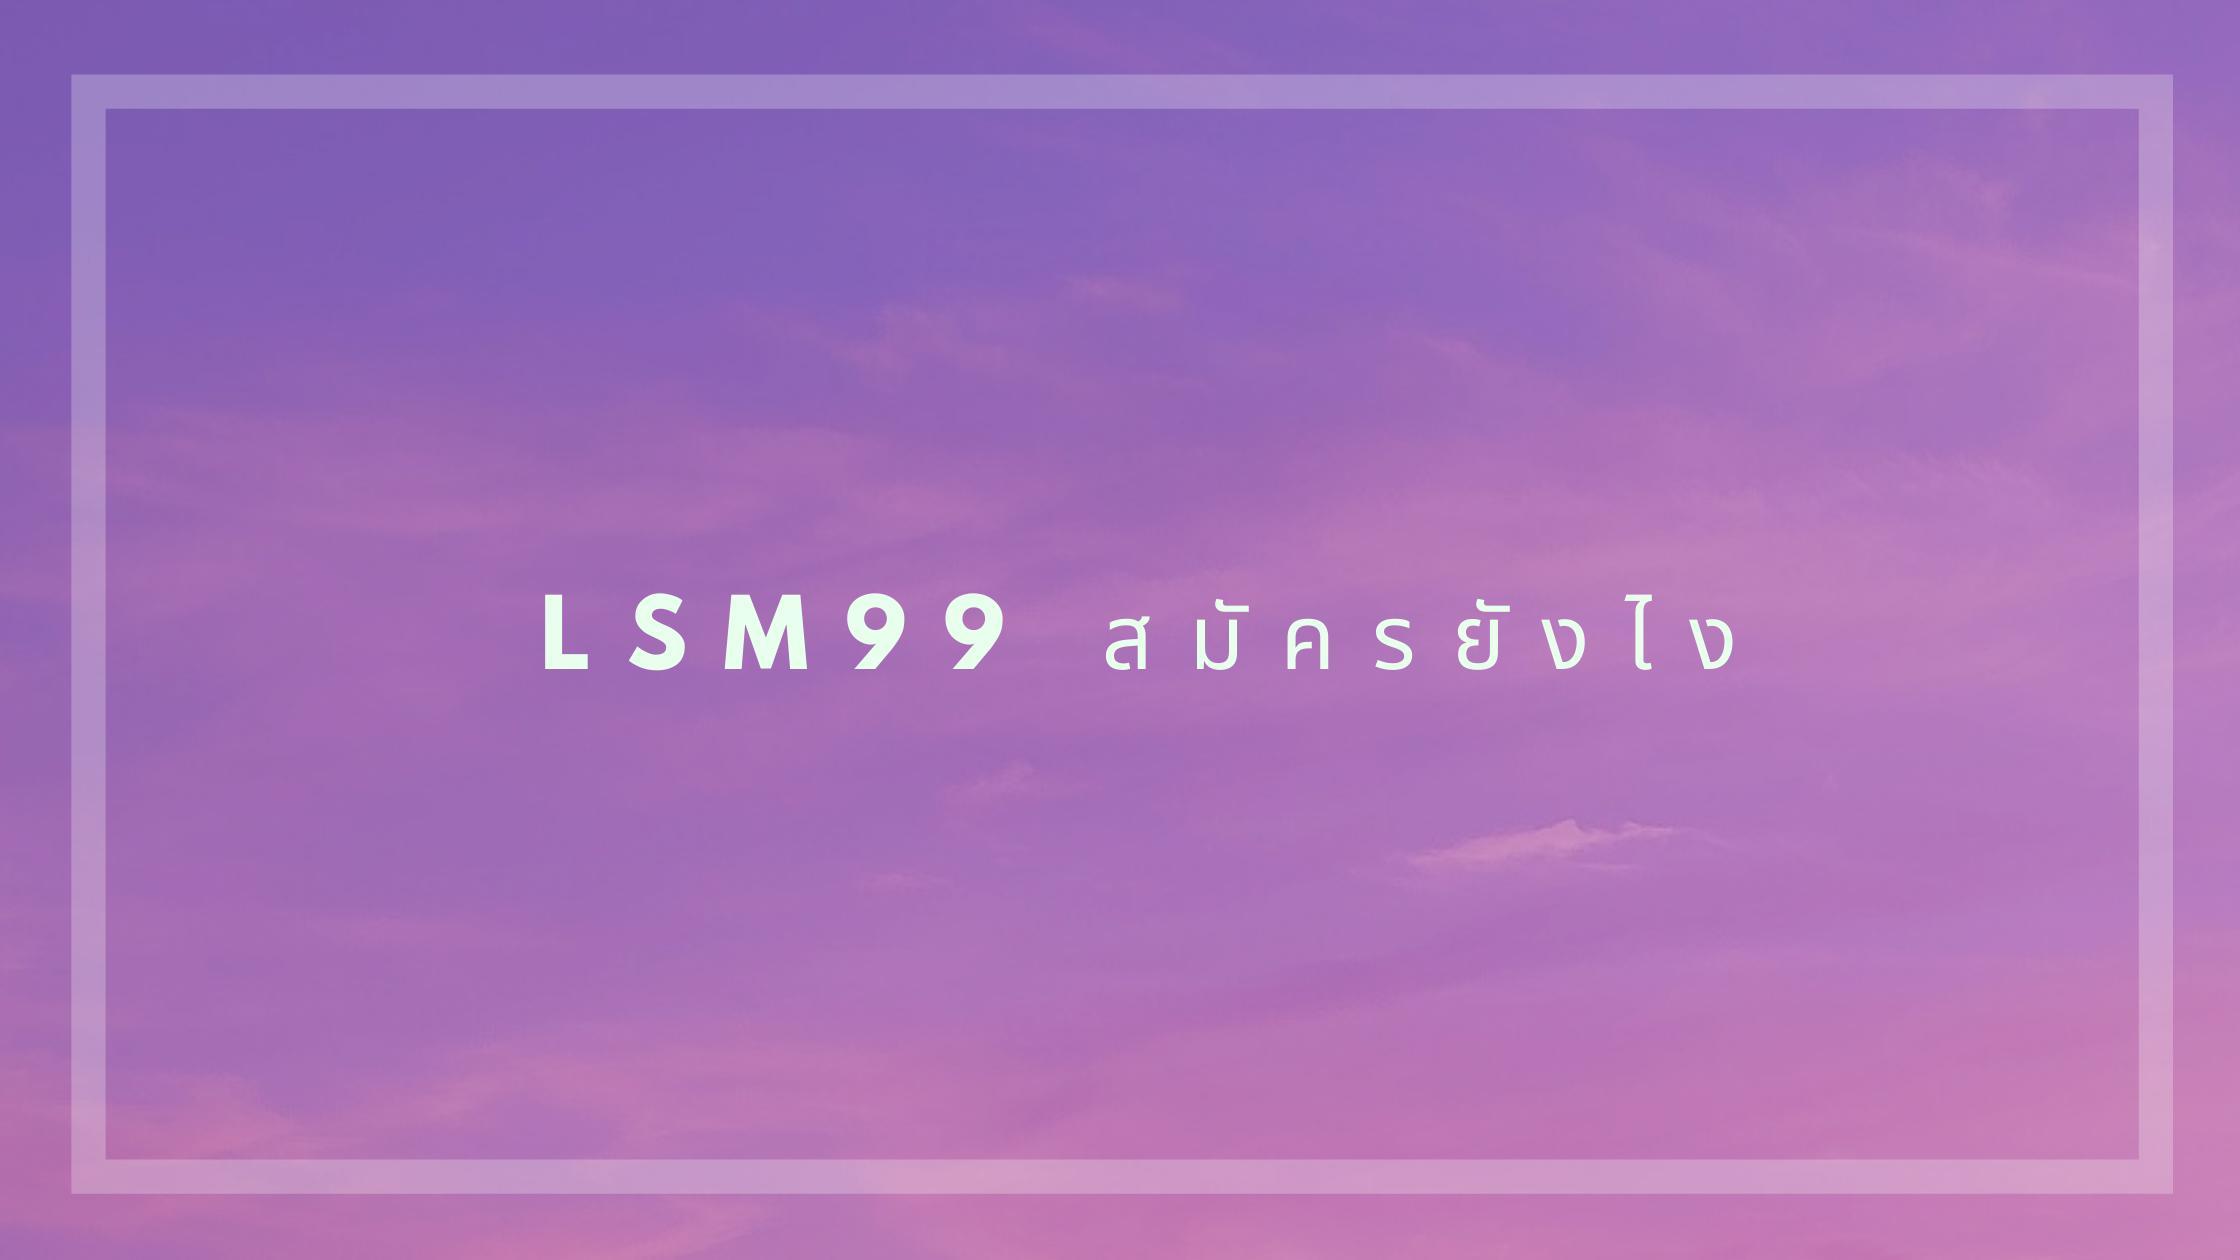 lsm99 สมัครยังไง